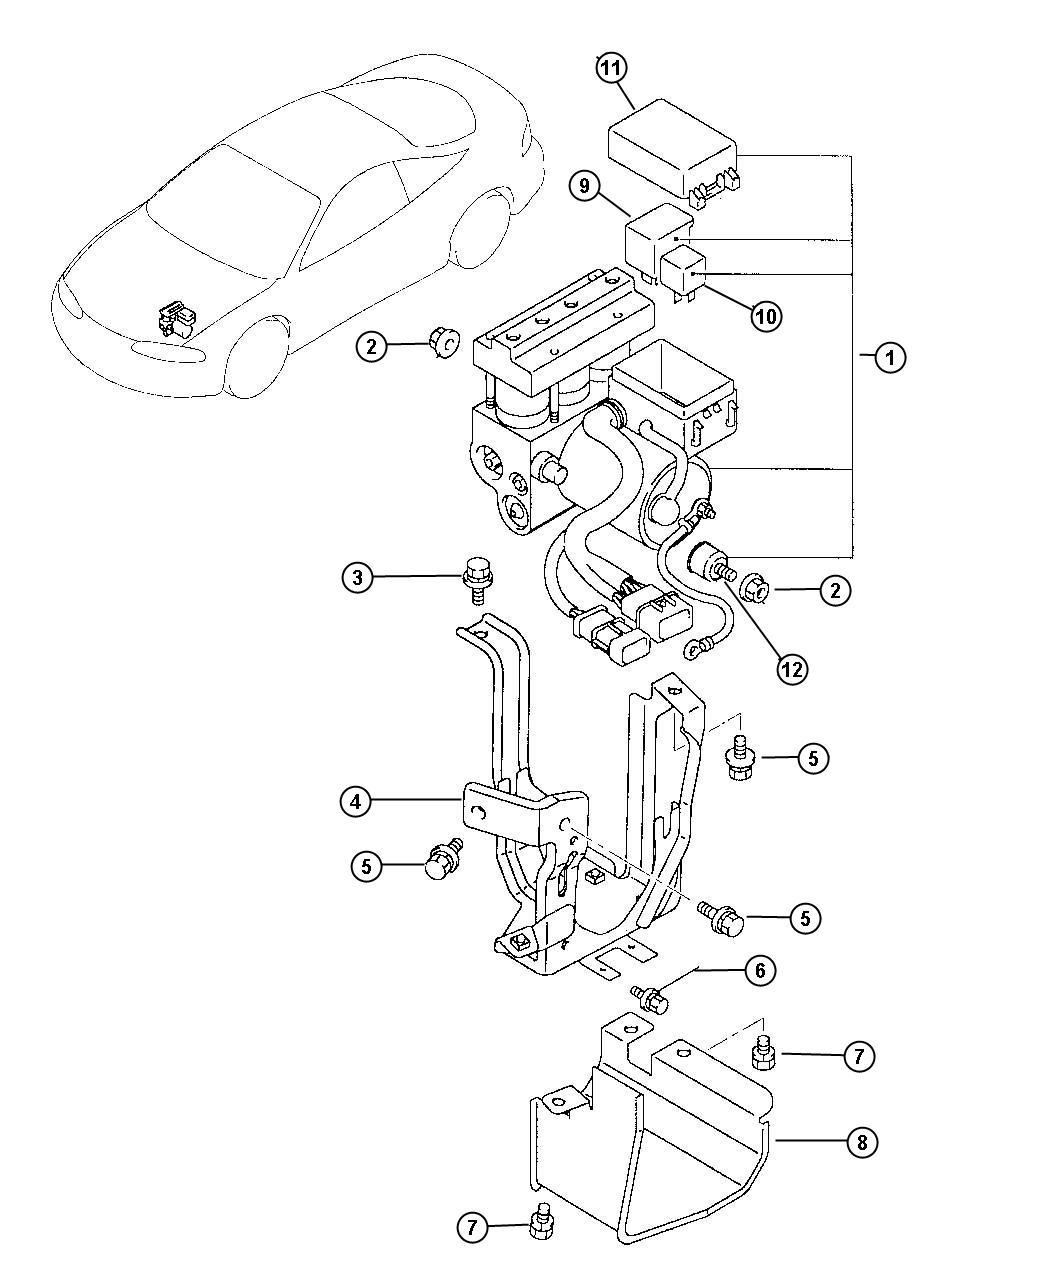 Chrysler Sebring Modulator Anti Lock Brake System